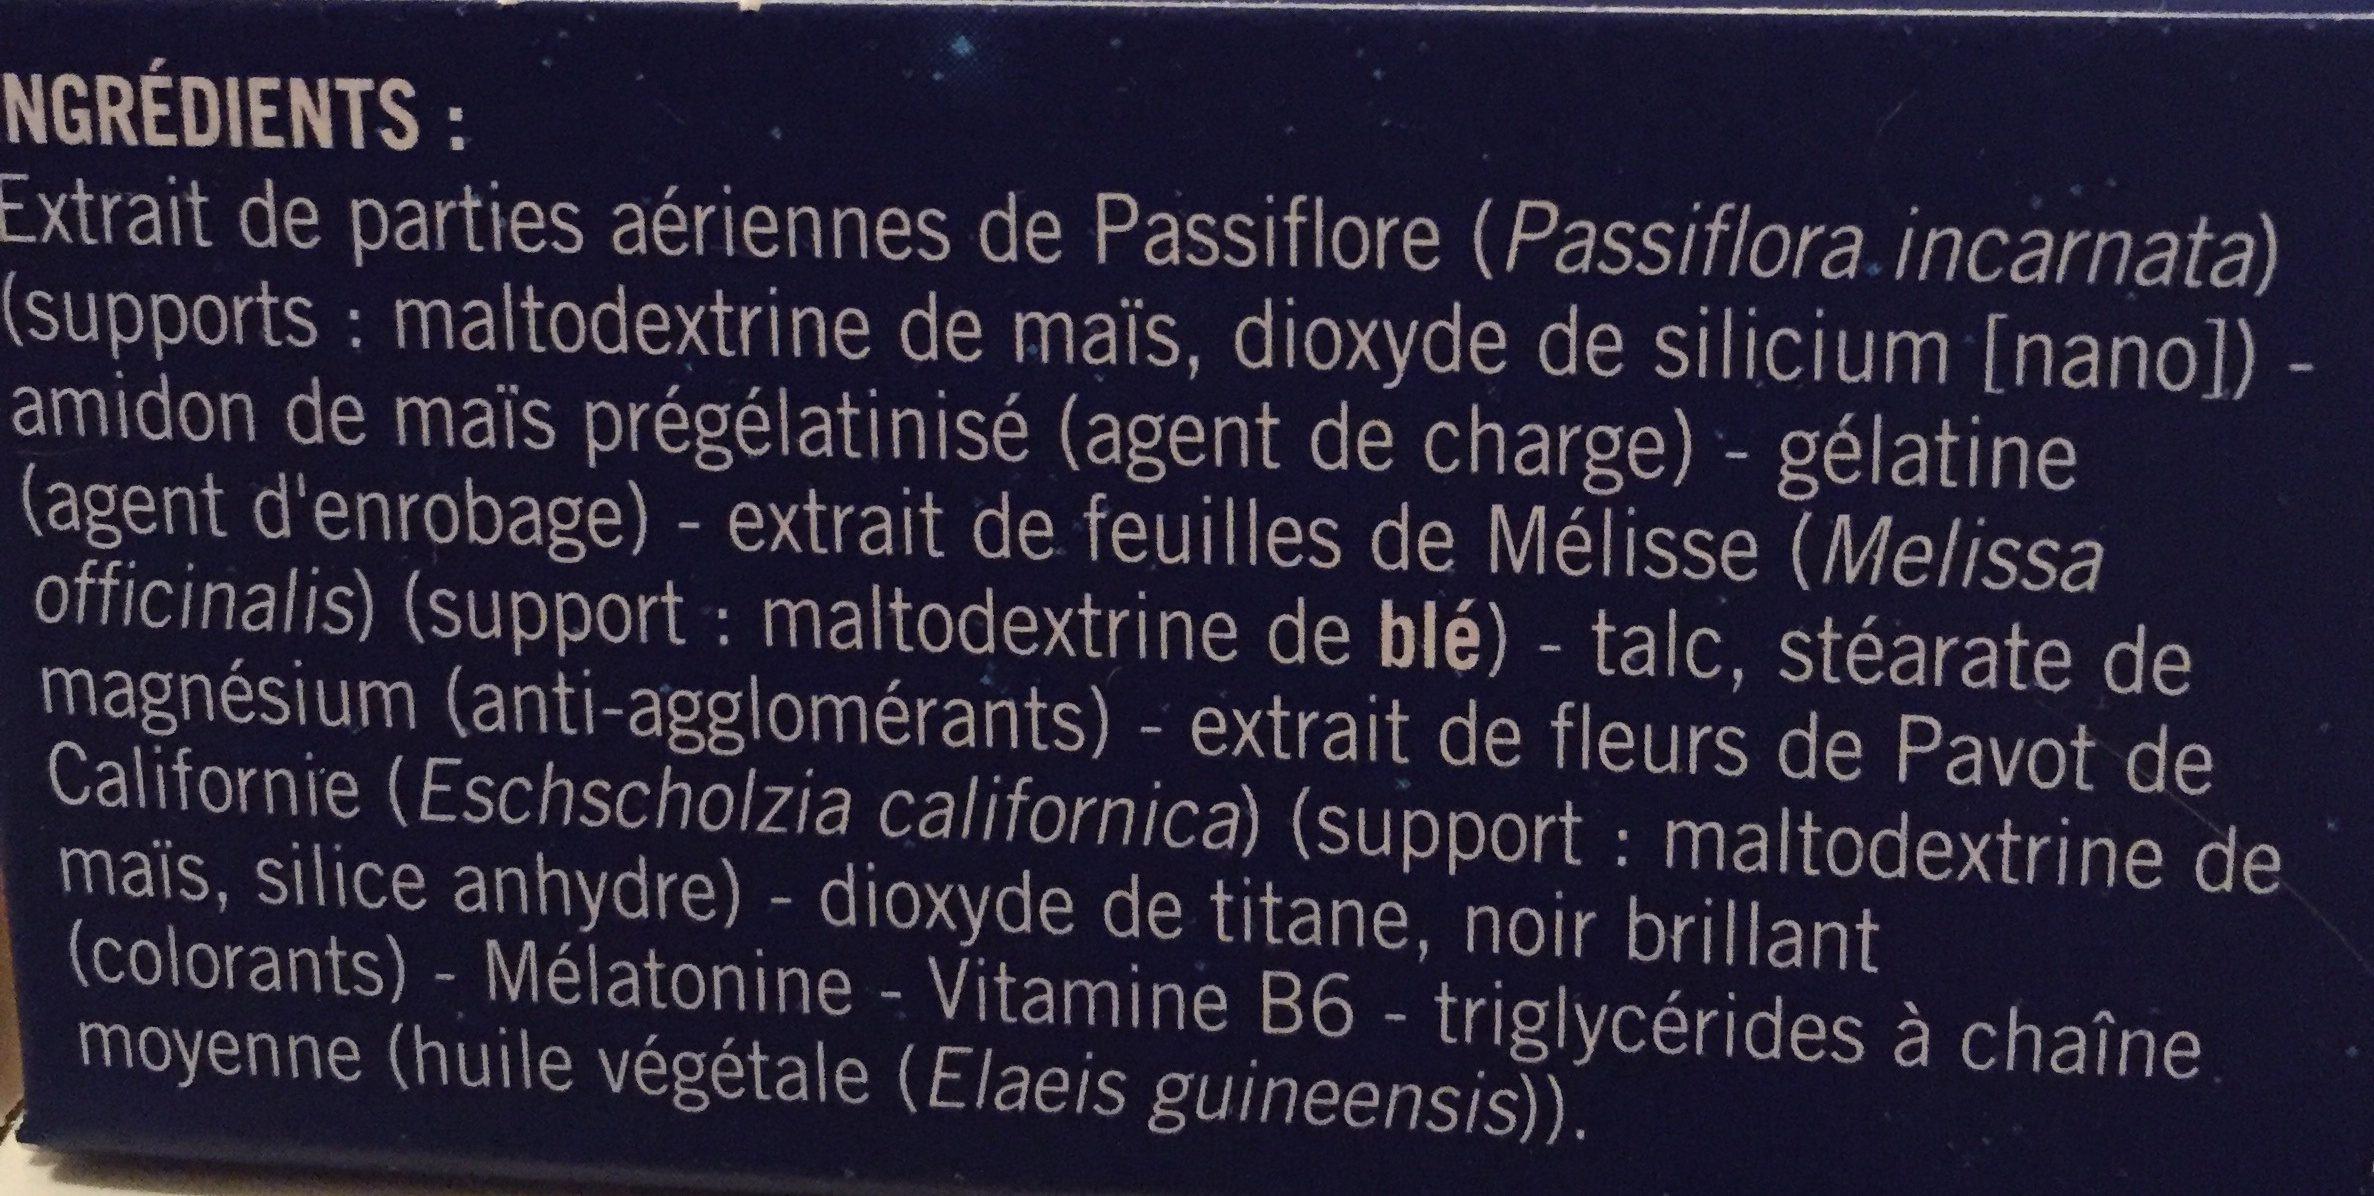 Sanofi Aventis Novanuit Triple Action 30 Gélules - Ingredients